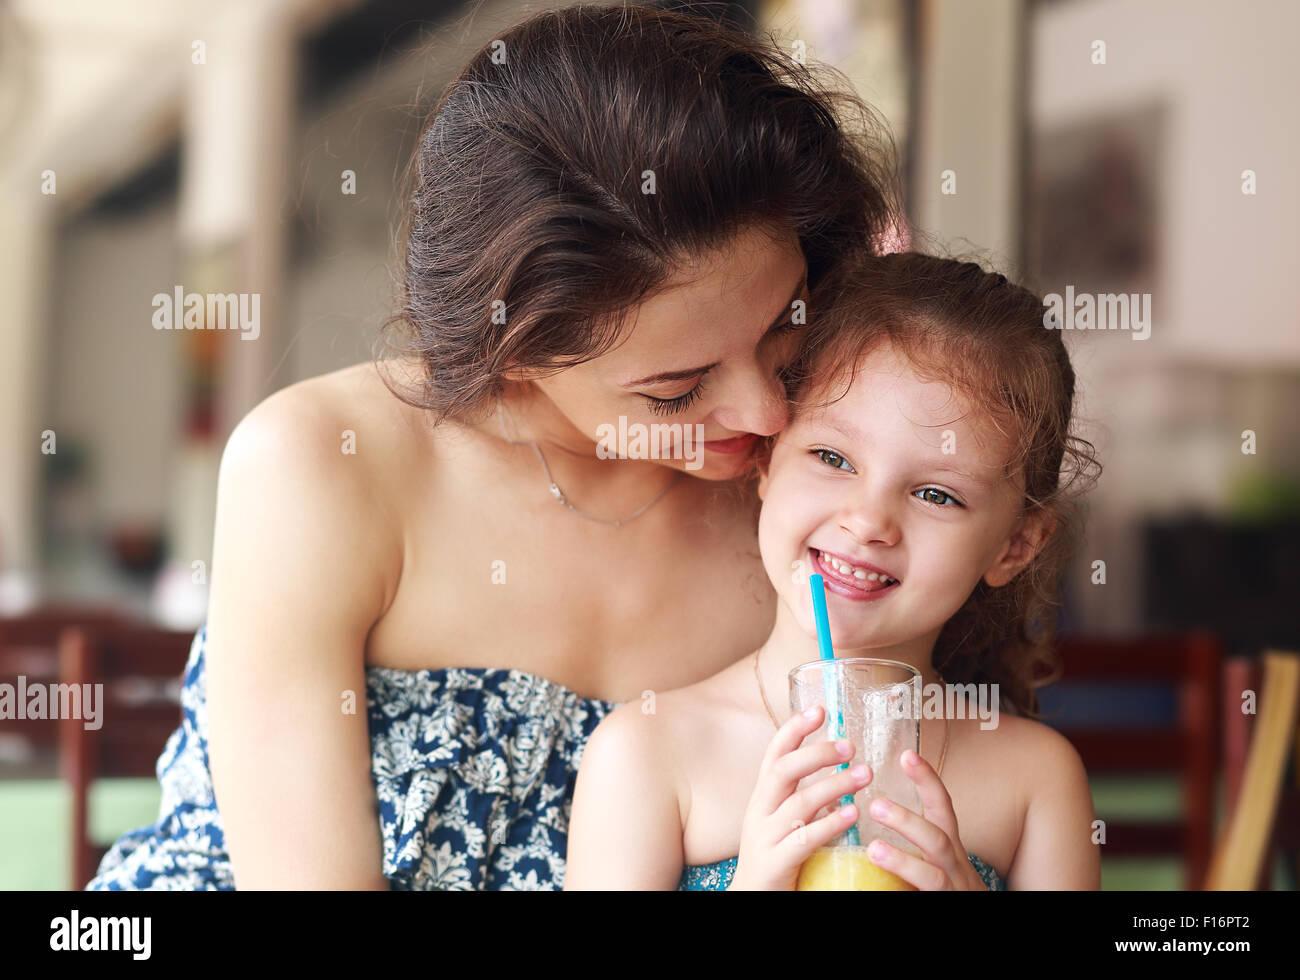 À la mère heureuse et serrant sa fille qui de boire le jus d'agrumes dans le restaurant urbain Photo Stock